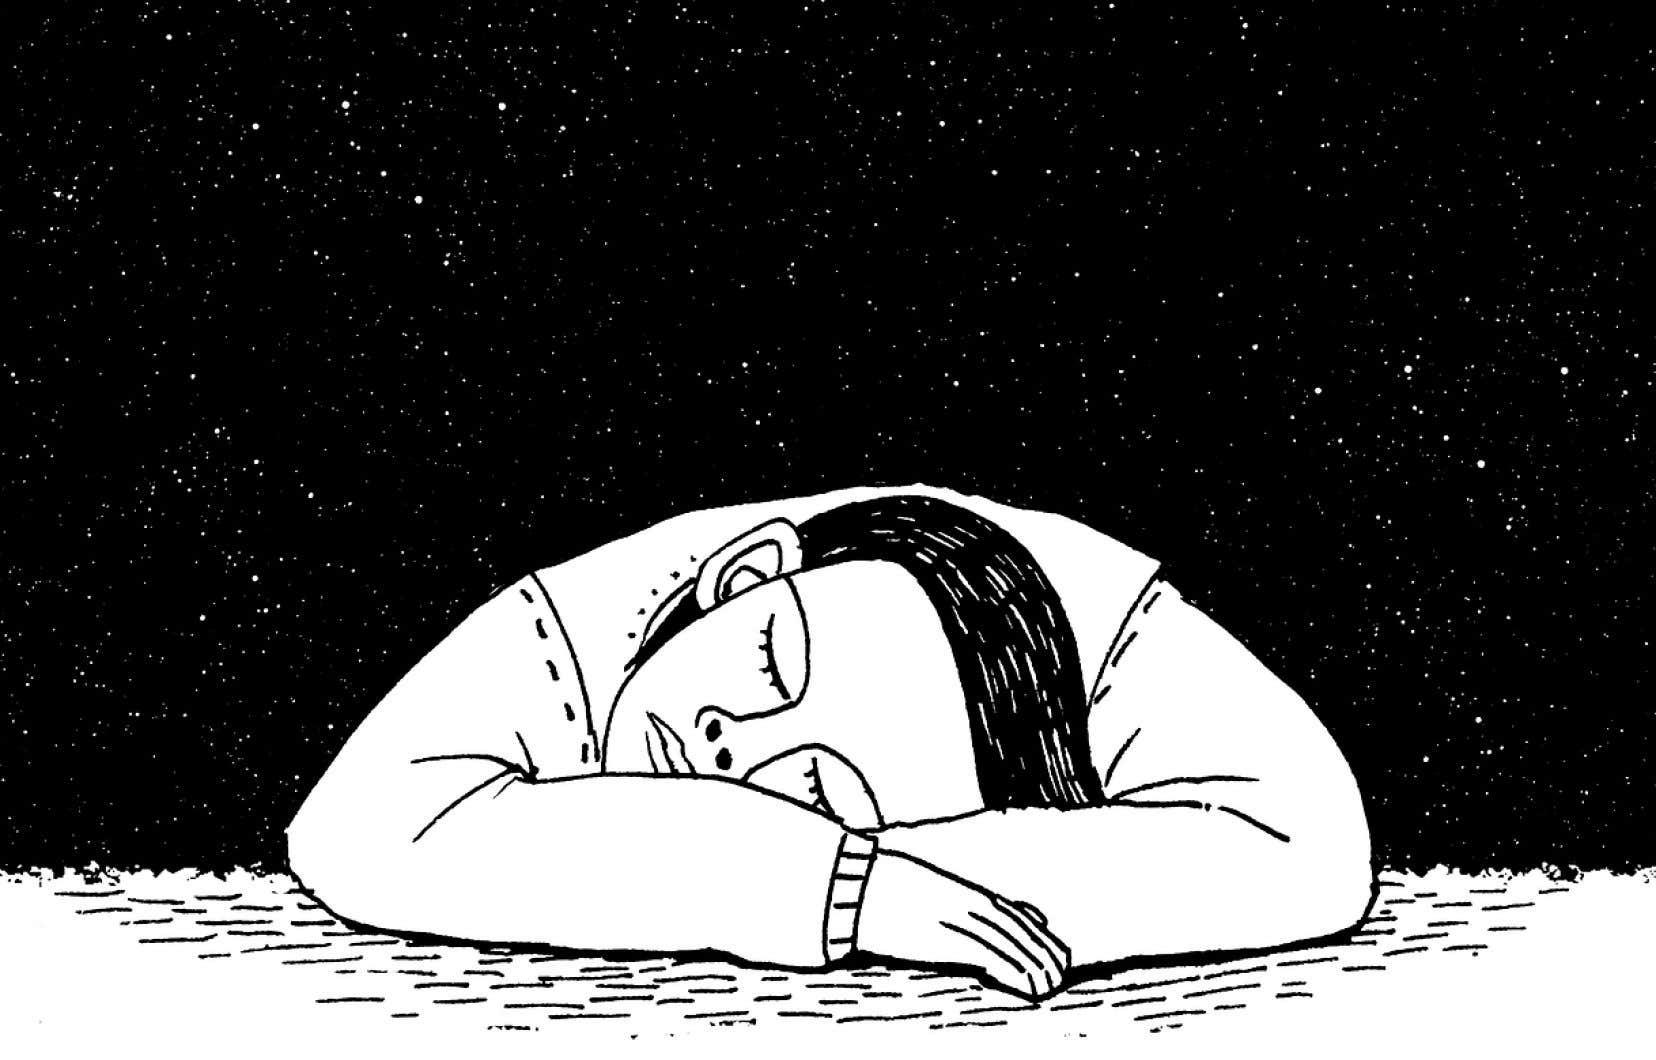 Les humains ont en moyenne besoin d'environ 8 à 8,5heures d'un sommeil continu et profond par jour pour fonctionner de manière optimale.